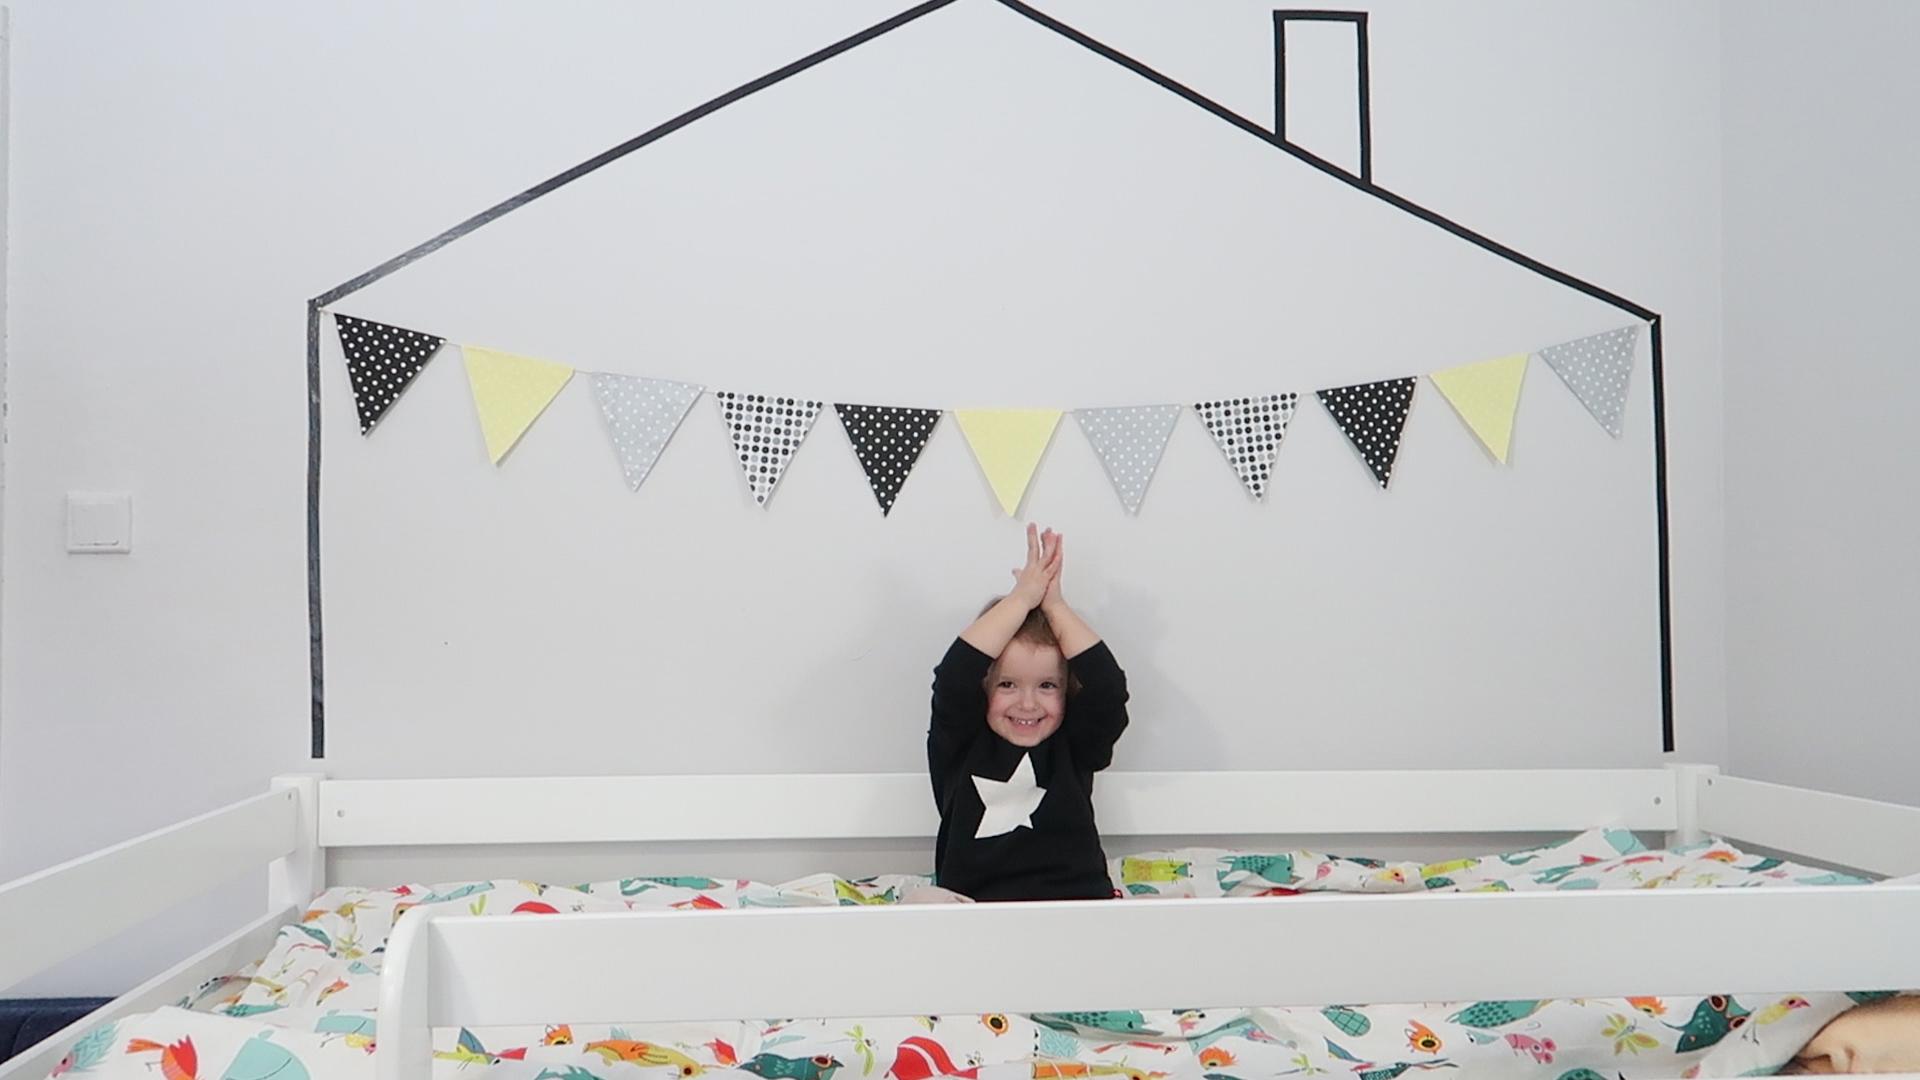 dekoracija decije sobe